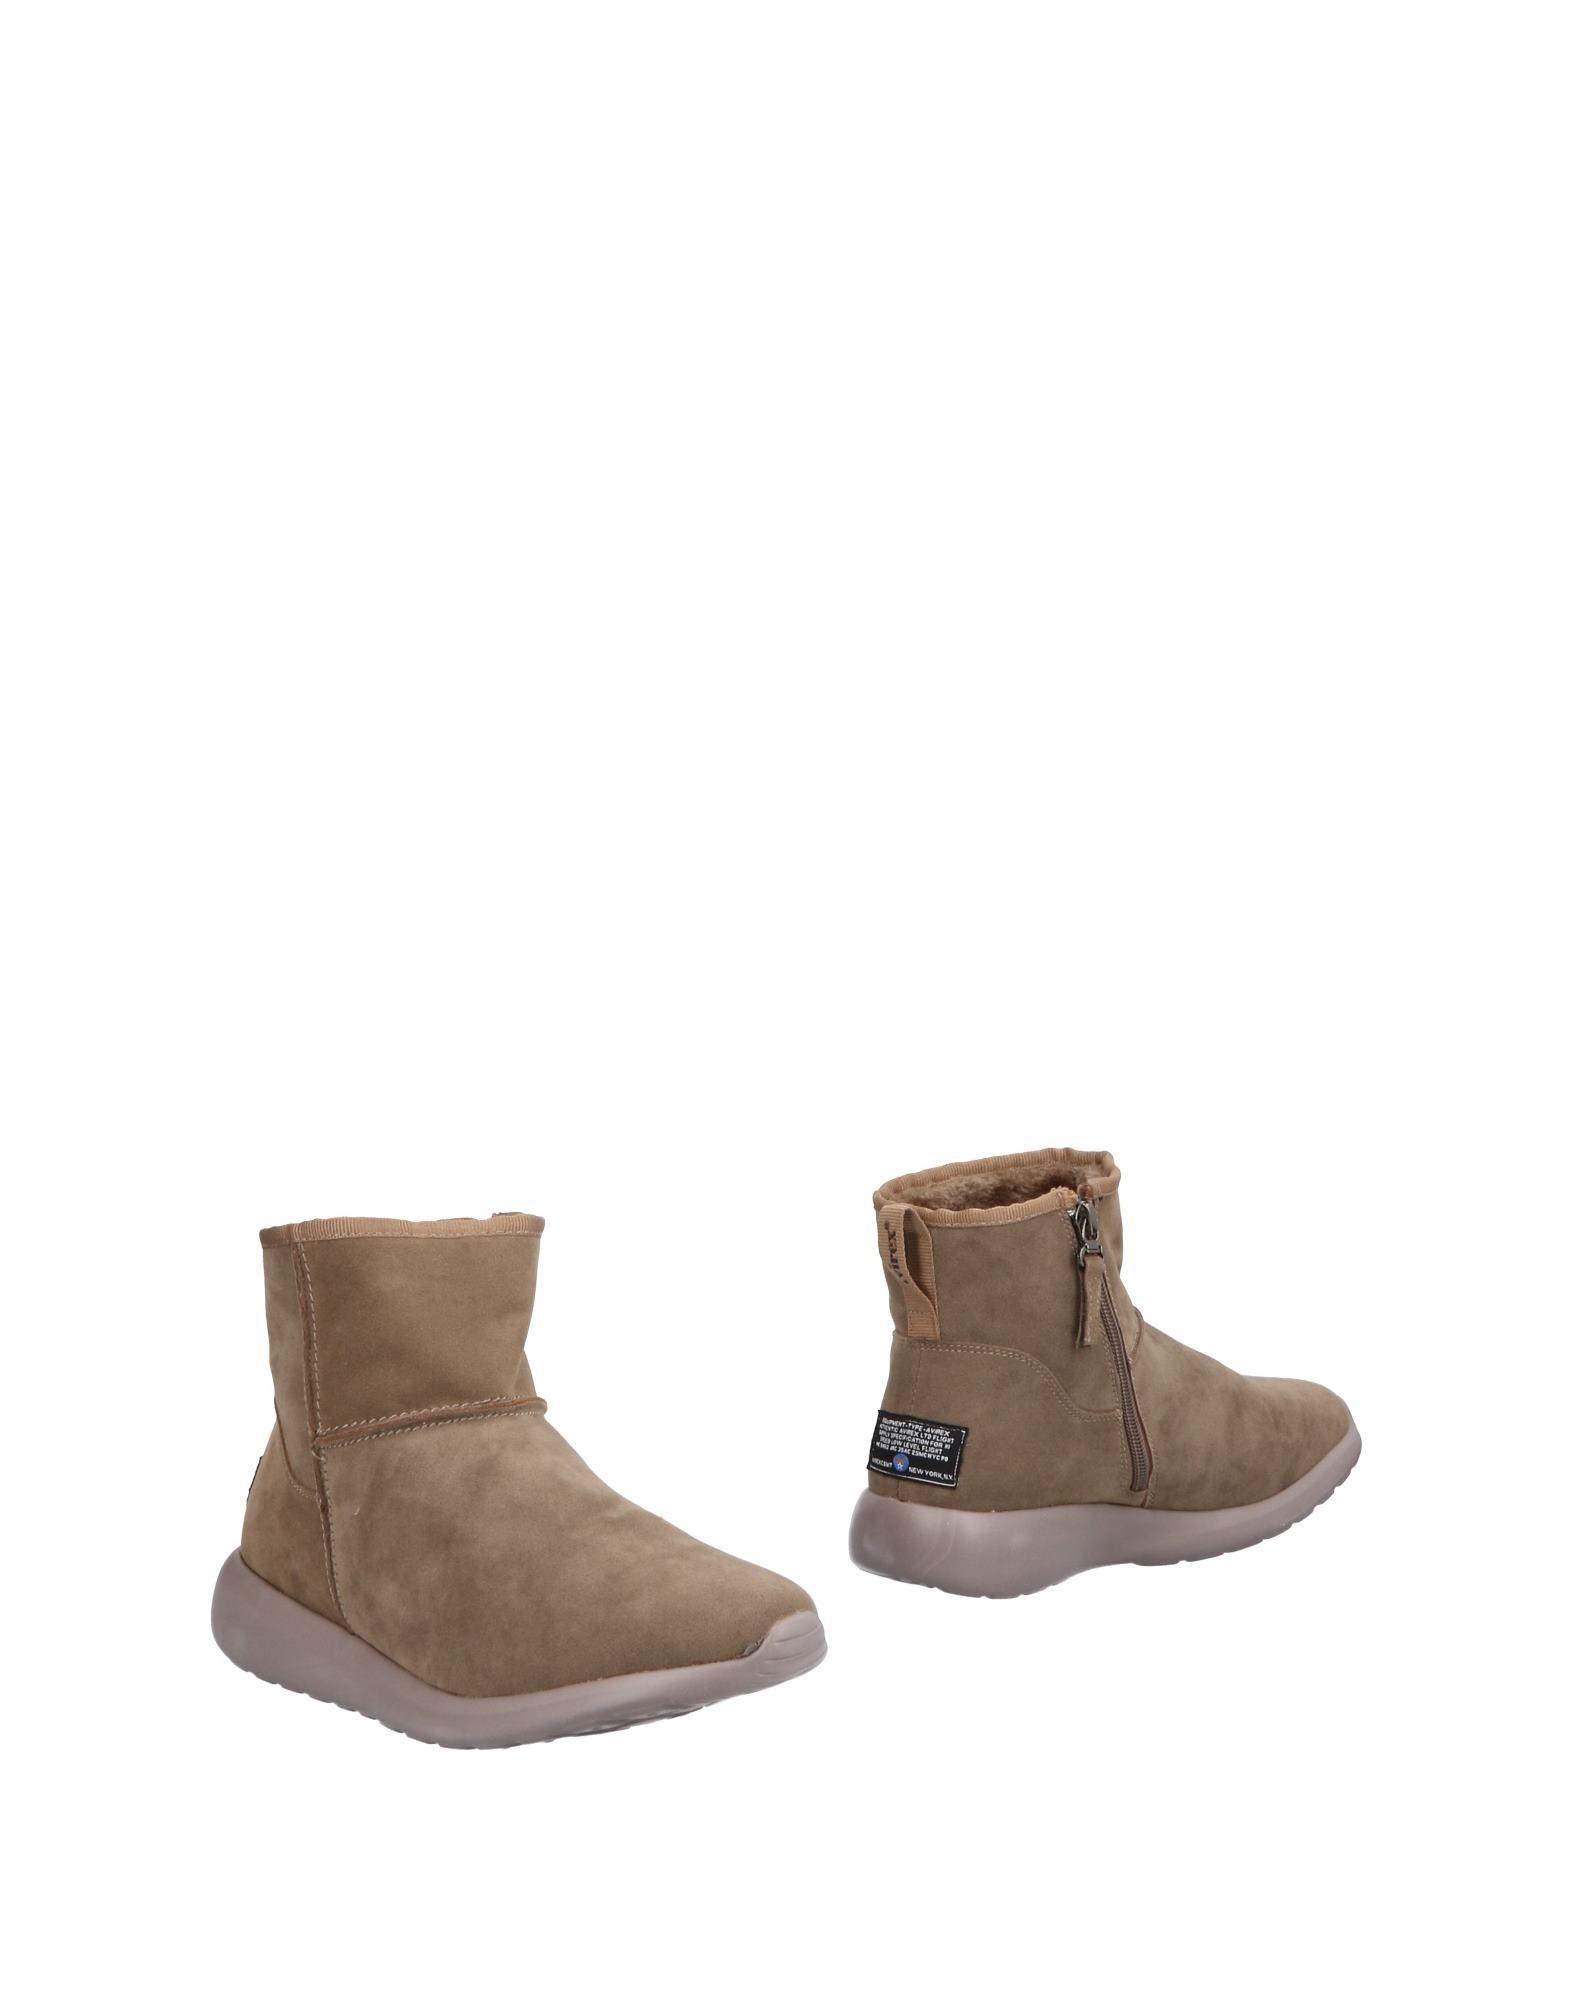 Avirex Stiefelette Damen  11505906XK Gute Qualität beliebte Schuhe